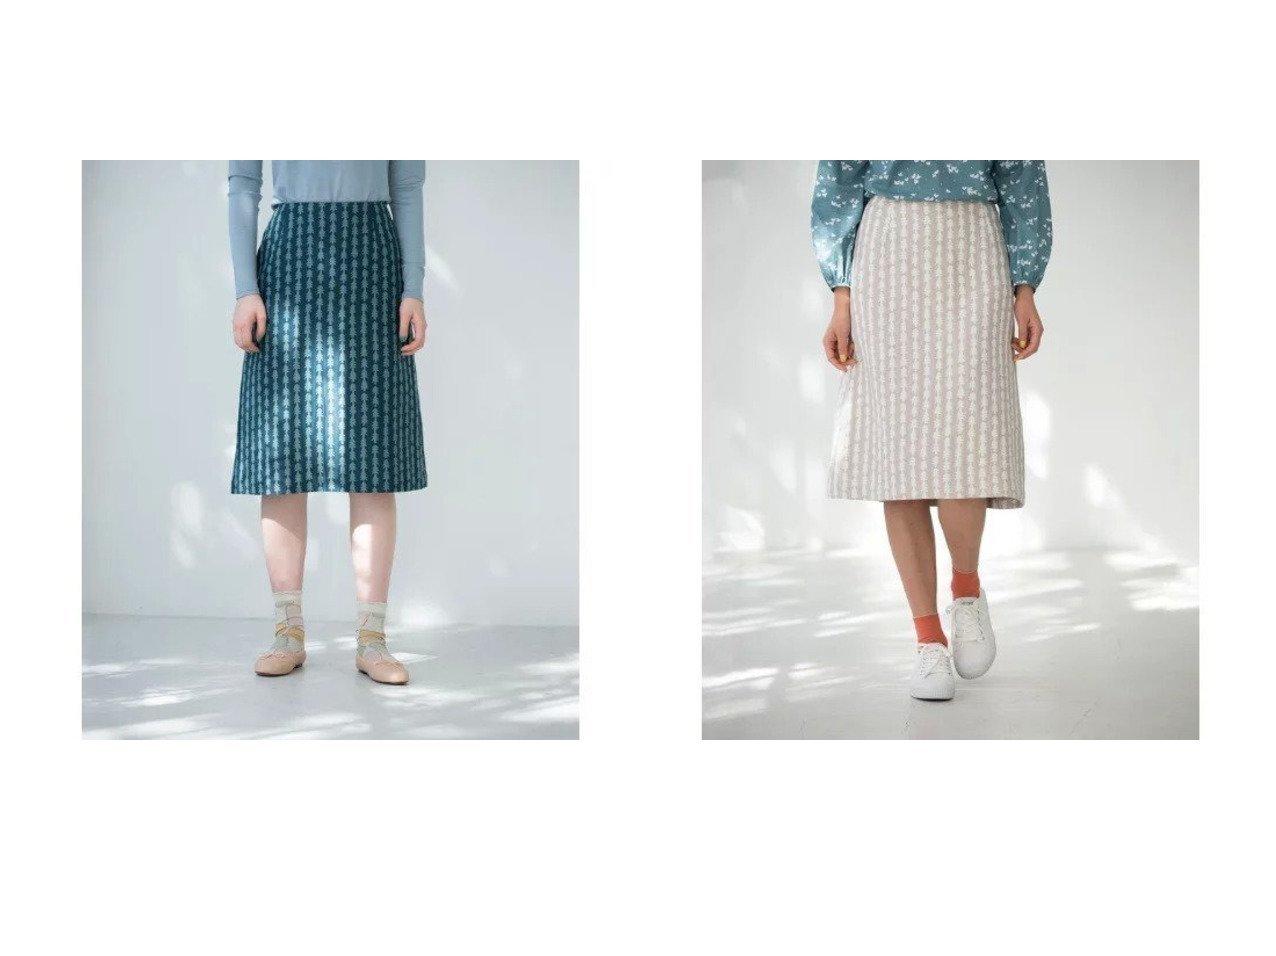 【Sally Scott/サリースコット】のスカート Sally Scottのおすすめ!人気、トレンド・レディースファッションの通販  おすすめで人気の流行・トレンド、ファッションの通販商品 メンズファッション・キッズファッション・インテリア・家具・レディースファッション・服の通販 founy(ファニー) https://founy.com/ ファッション Fashion レディースファッション WOMEN スカート Skirt 春 Spring キュプラ ストライプ 手描き フォルム ポケット モチーフ |ID:crp329100000020198